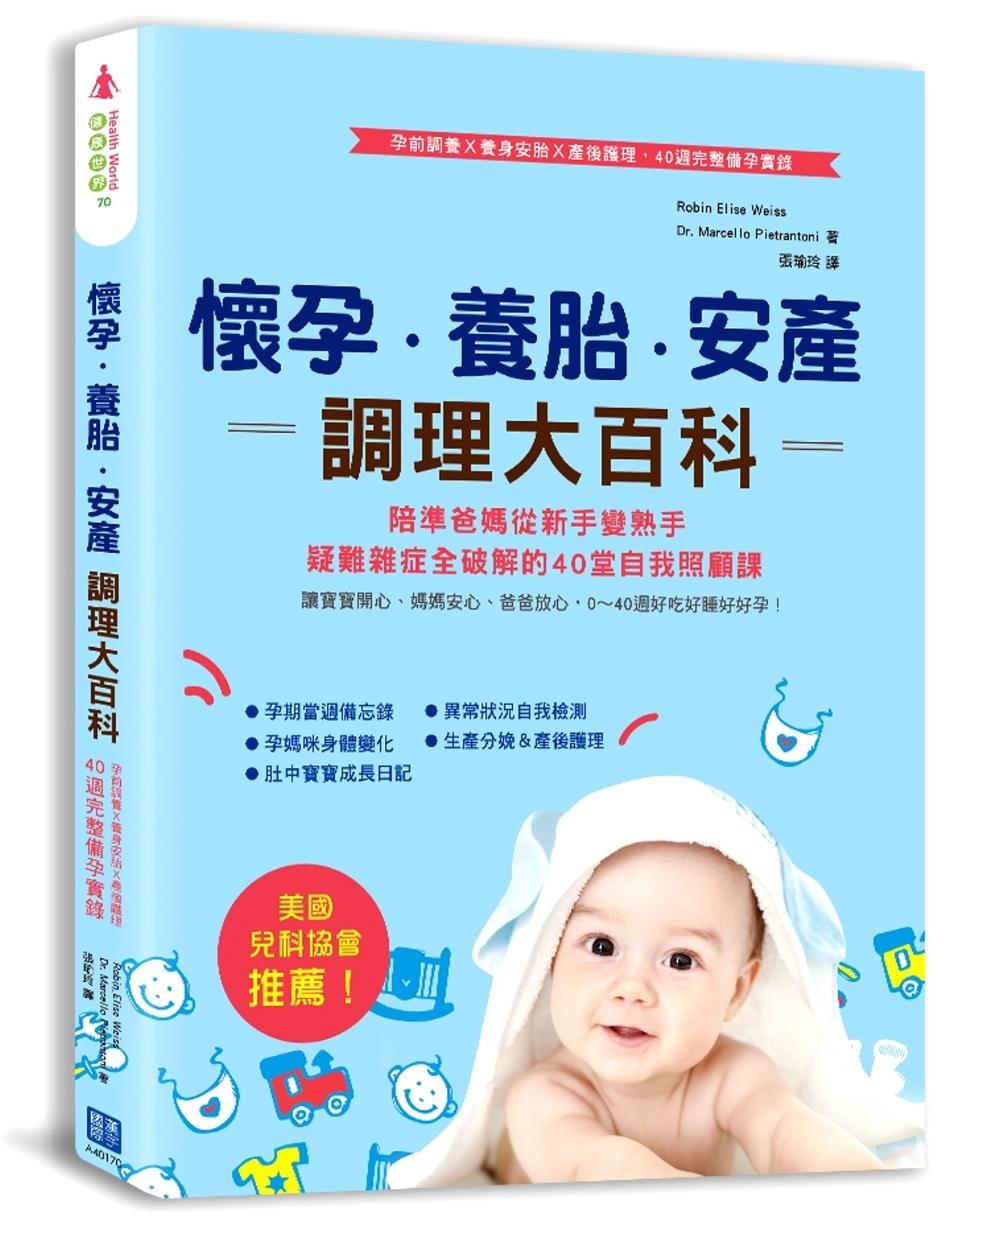 ◤博客來BOOKS◢ 暢銷書榜《推薦》懷孕‧養胎‧安產調理大百科:美國兒科協會推薦!孕前調養X養身安胎X產後護理 40週完整備孕實錄